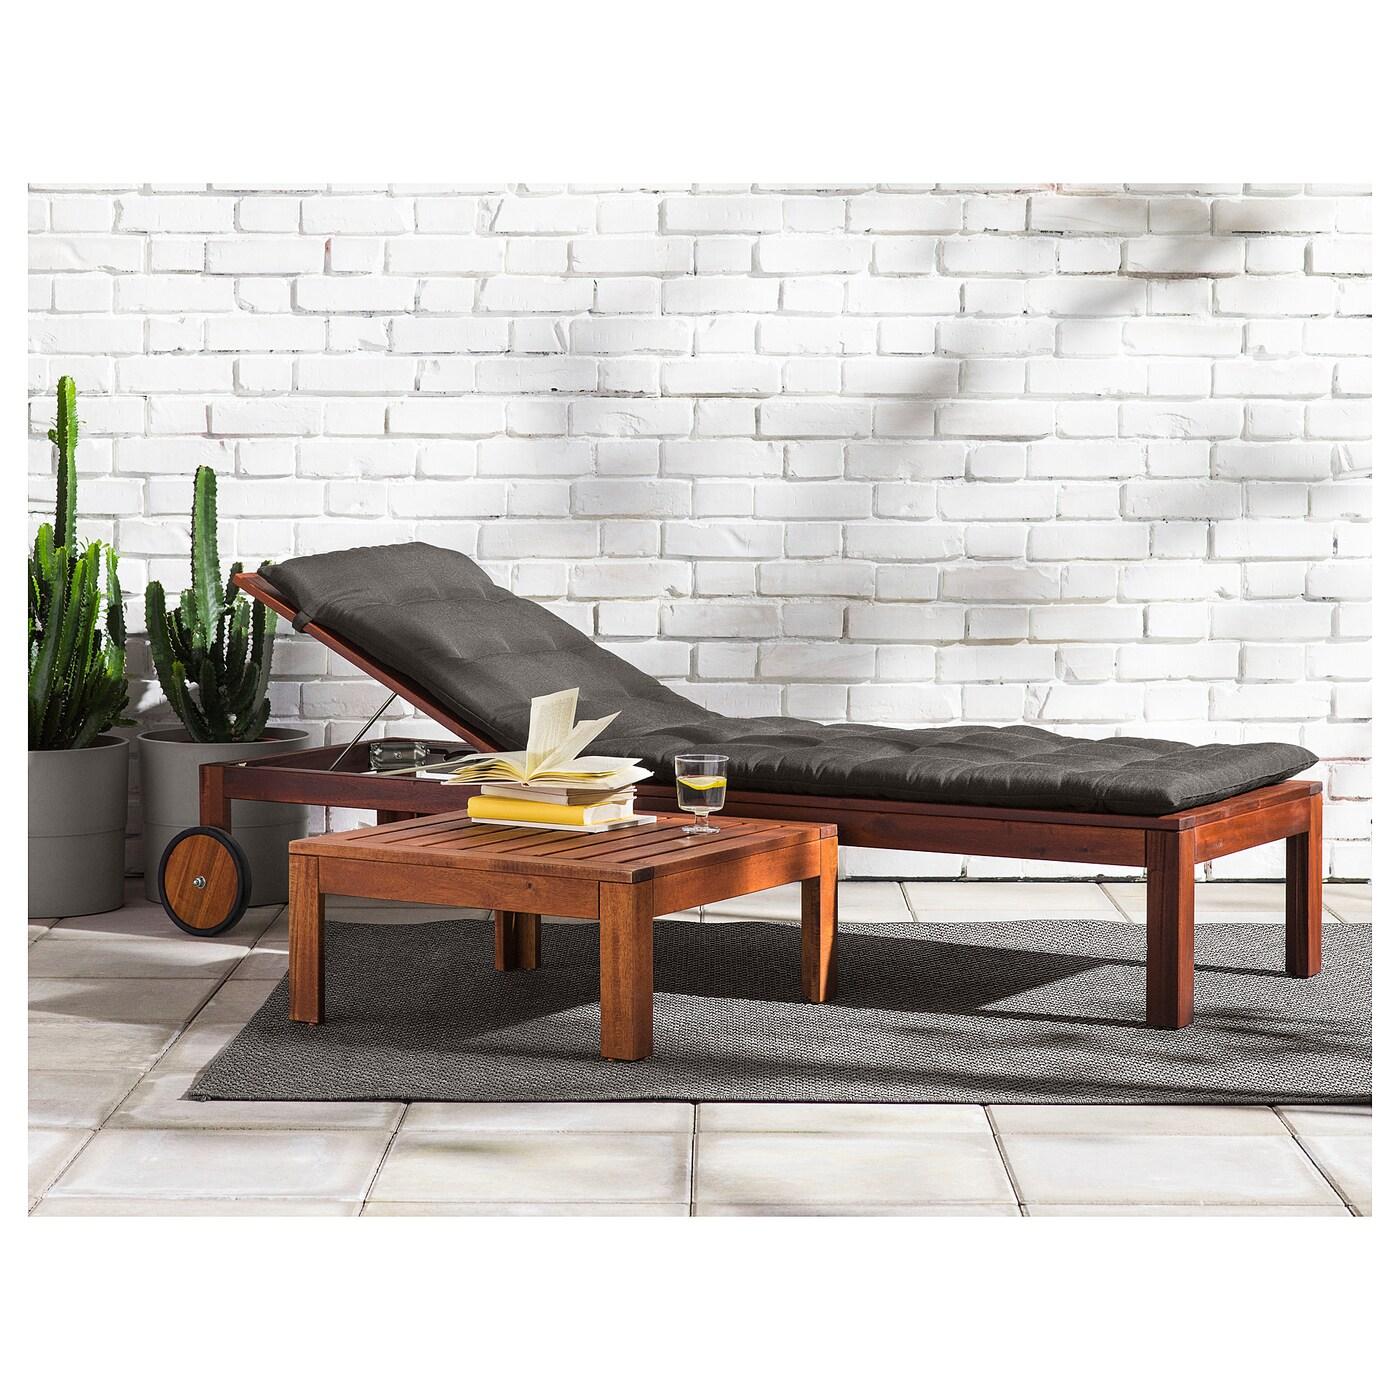 Full Size of Liegestuhl Klappbar Ikea Holz Pplar Sonnenliege Braun Las Deutschland Betten 160x200 Sofa Mit Schlaffunktion Miniküche Bett Ausklappbar Modulküche Garten Bei Wohnzimmer Liegestuhl Klappbar Ikea